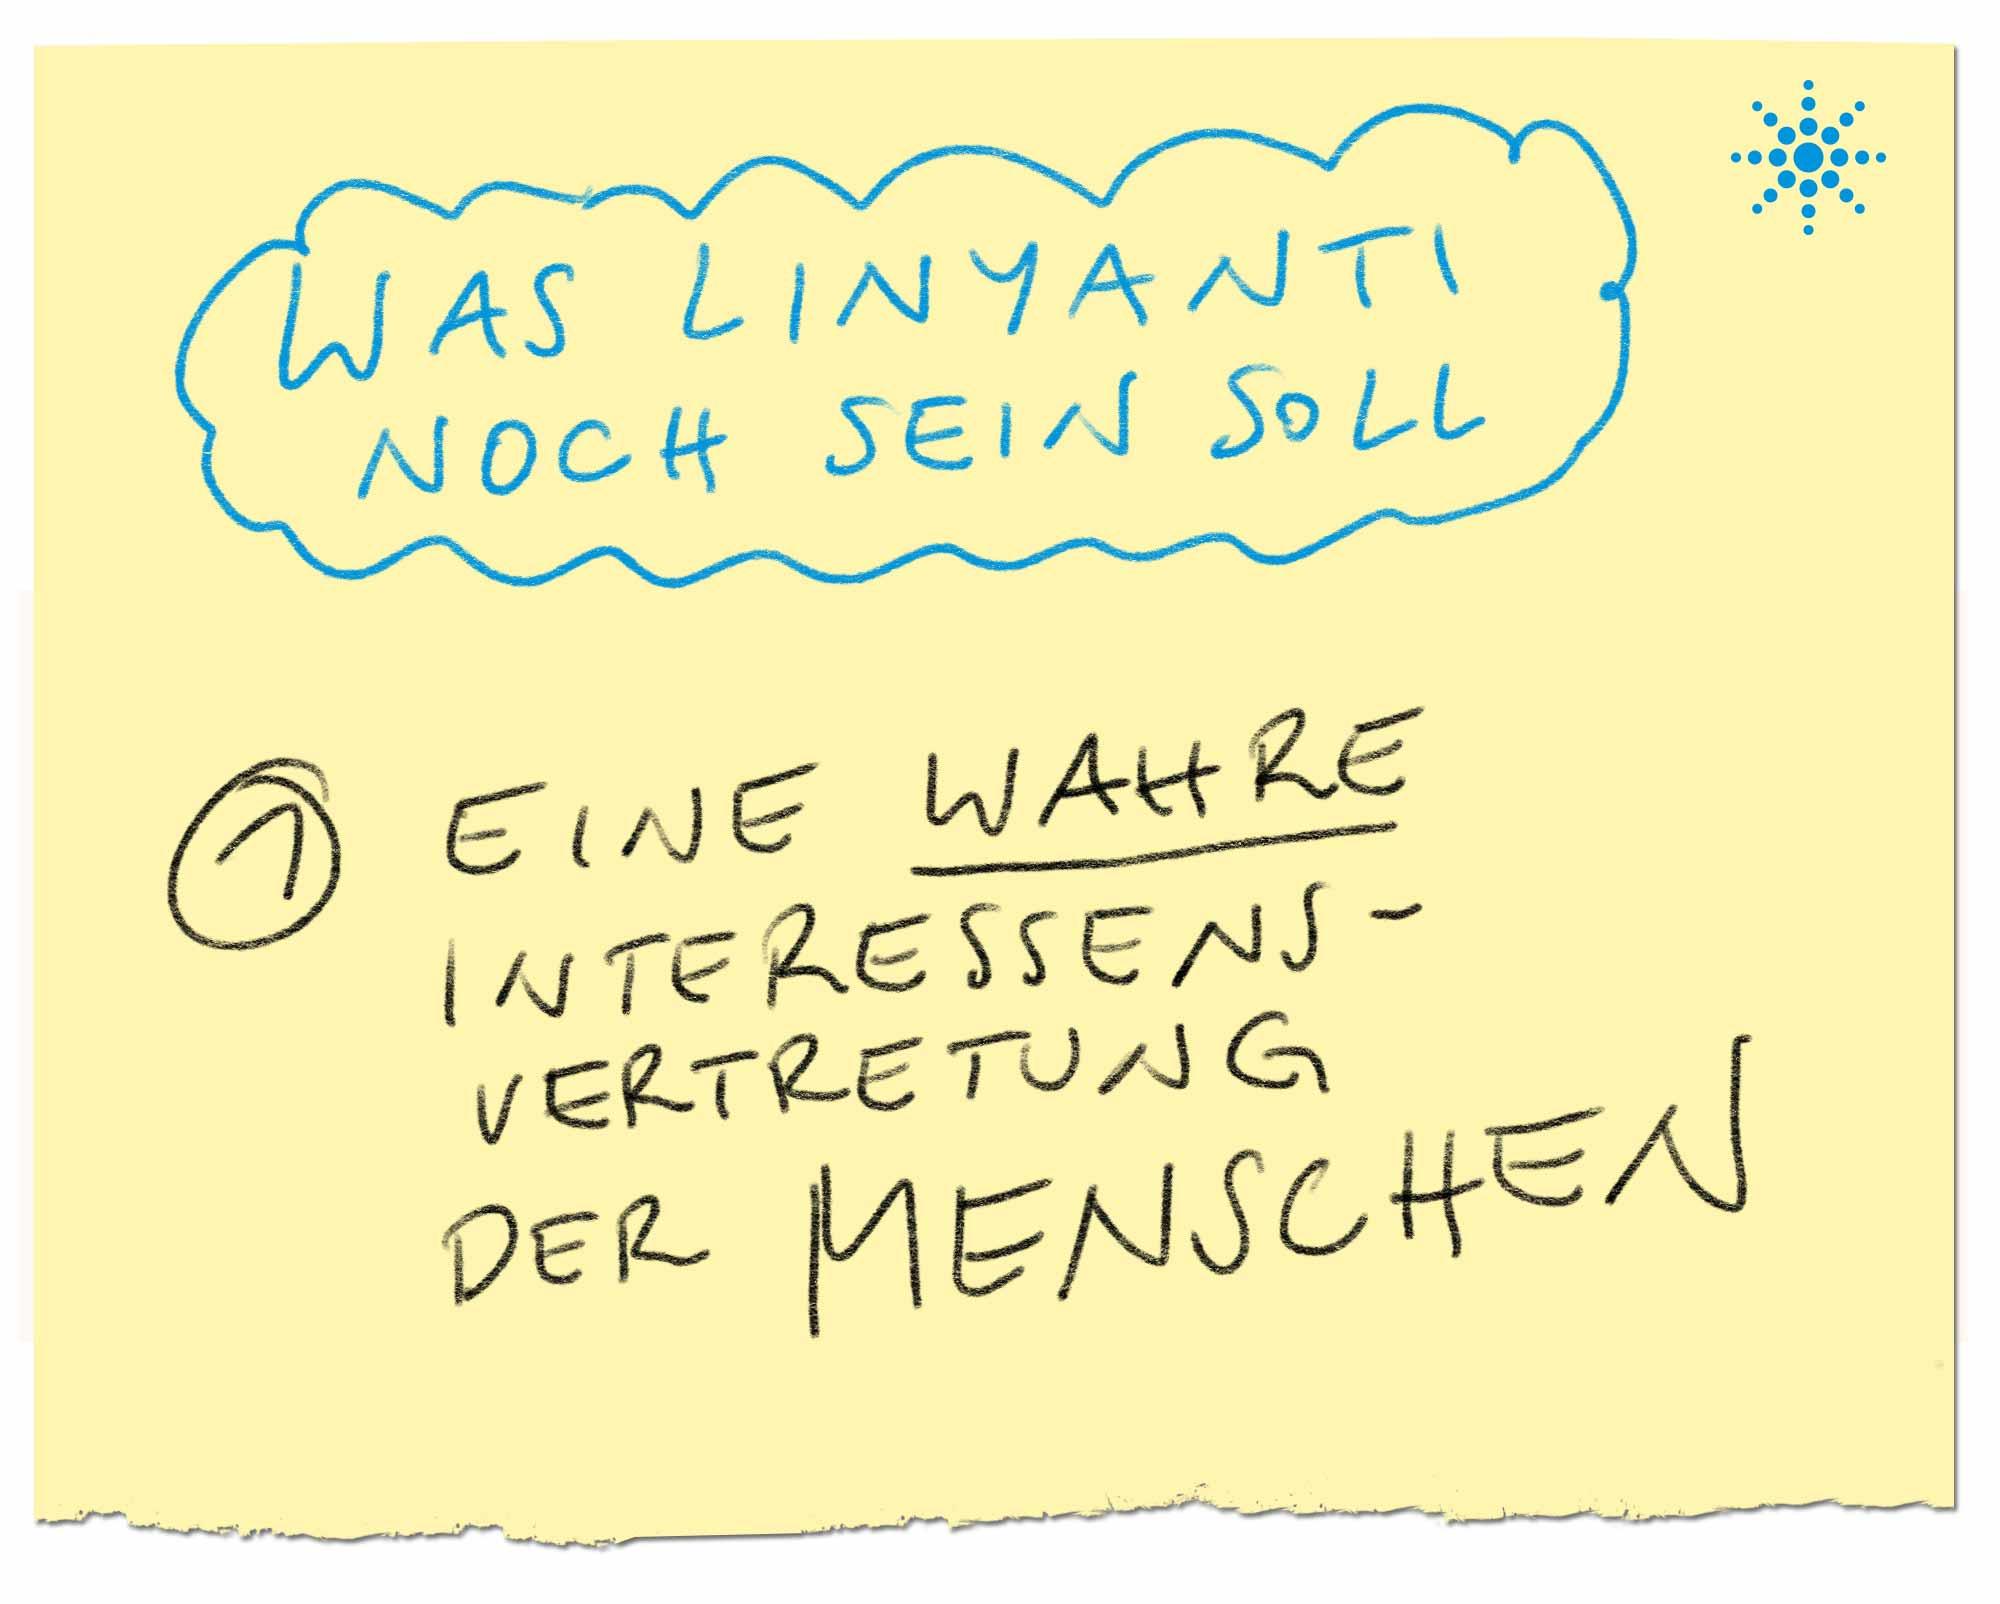 Linyanti-Institut_vision-1.jpg